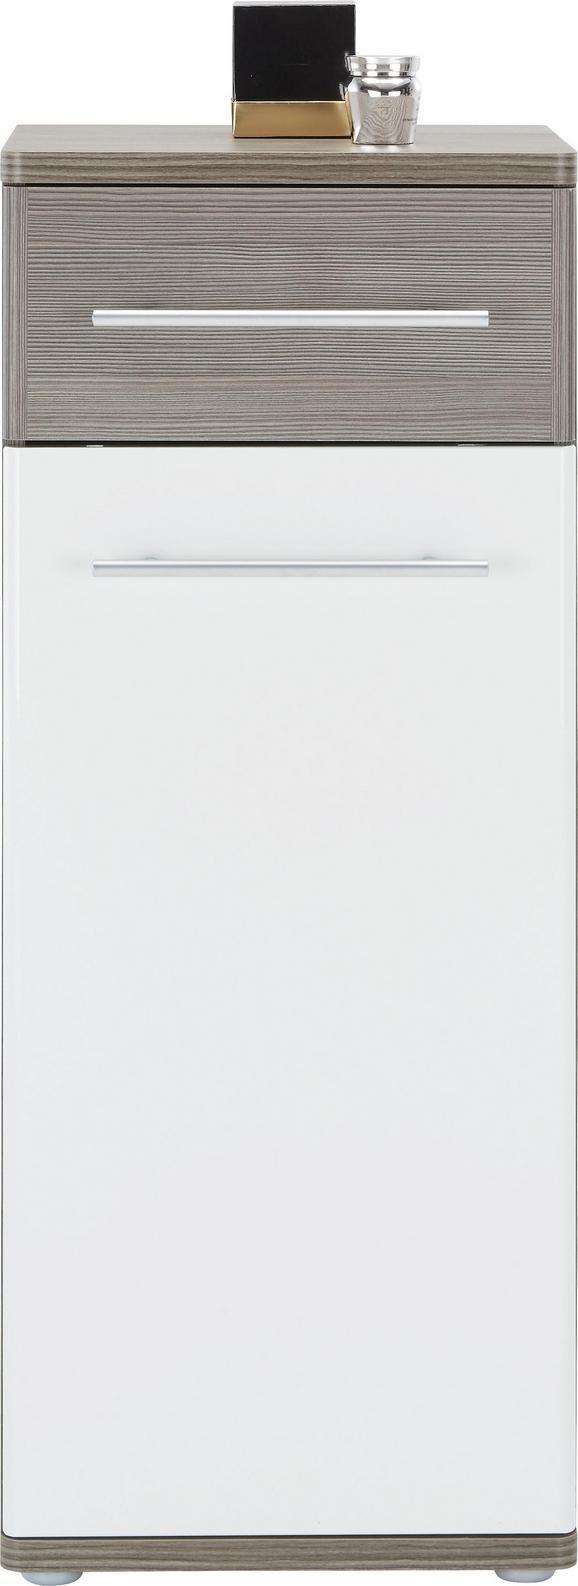 Unterschrank Weiß Hochglanz/braun - Dunkelbraun/Alufarben, KONVENTIONELL, Holzwerkstoff/Kunststoff (40 99 35cm) - Premium Living